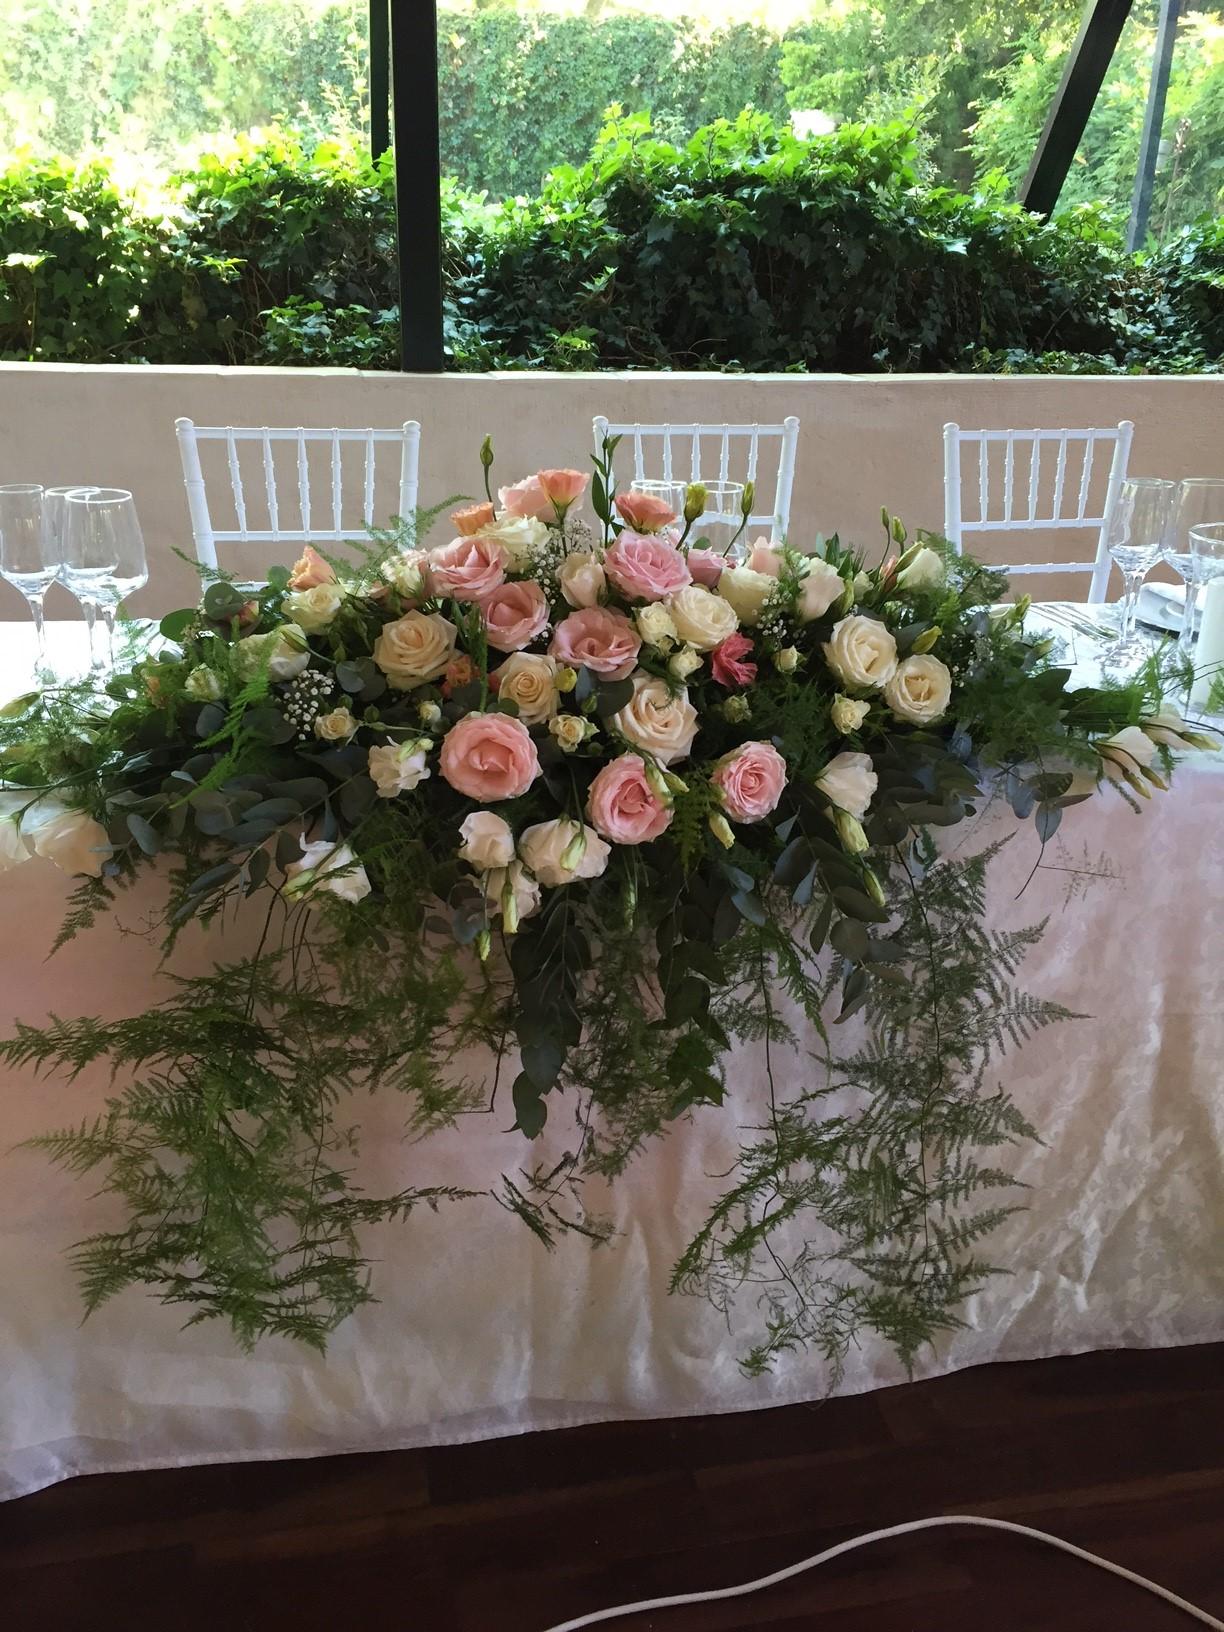 Lovely main table arrangement